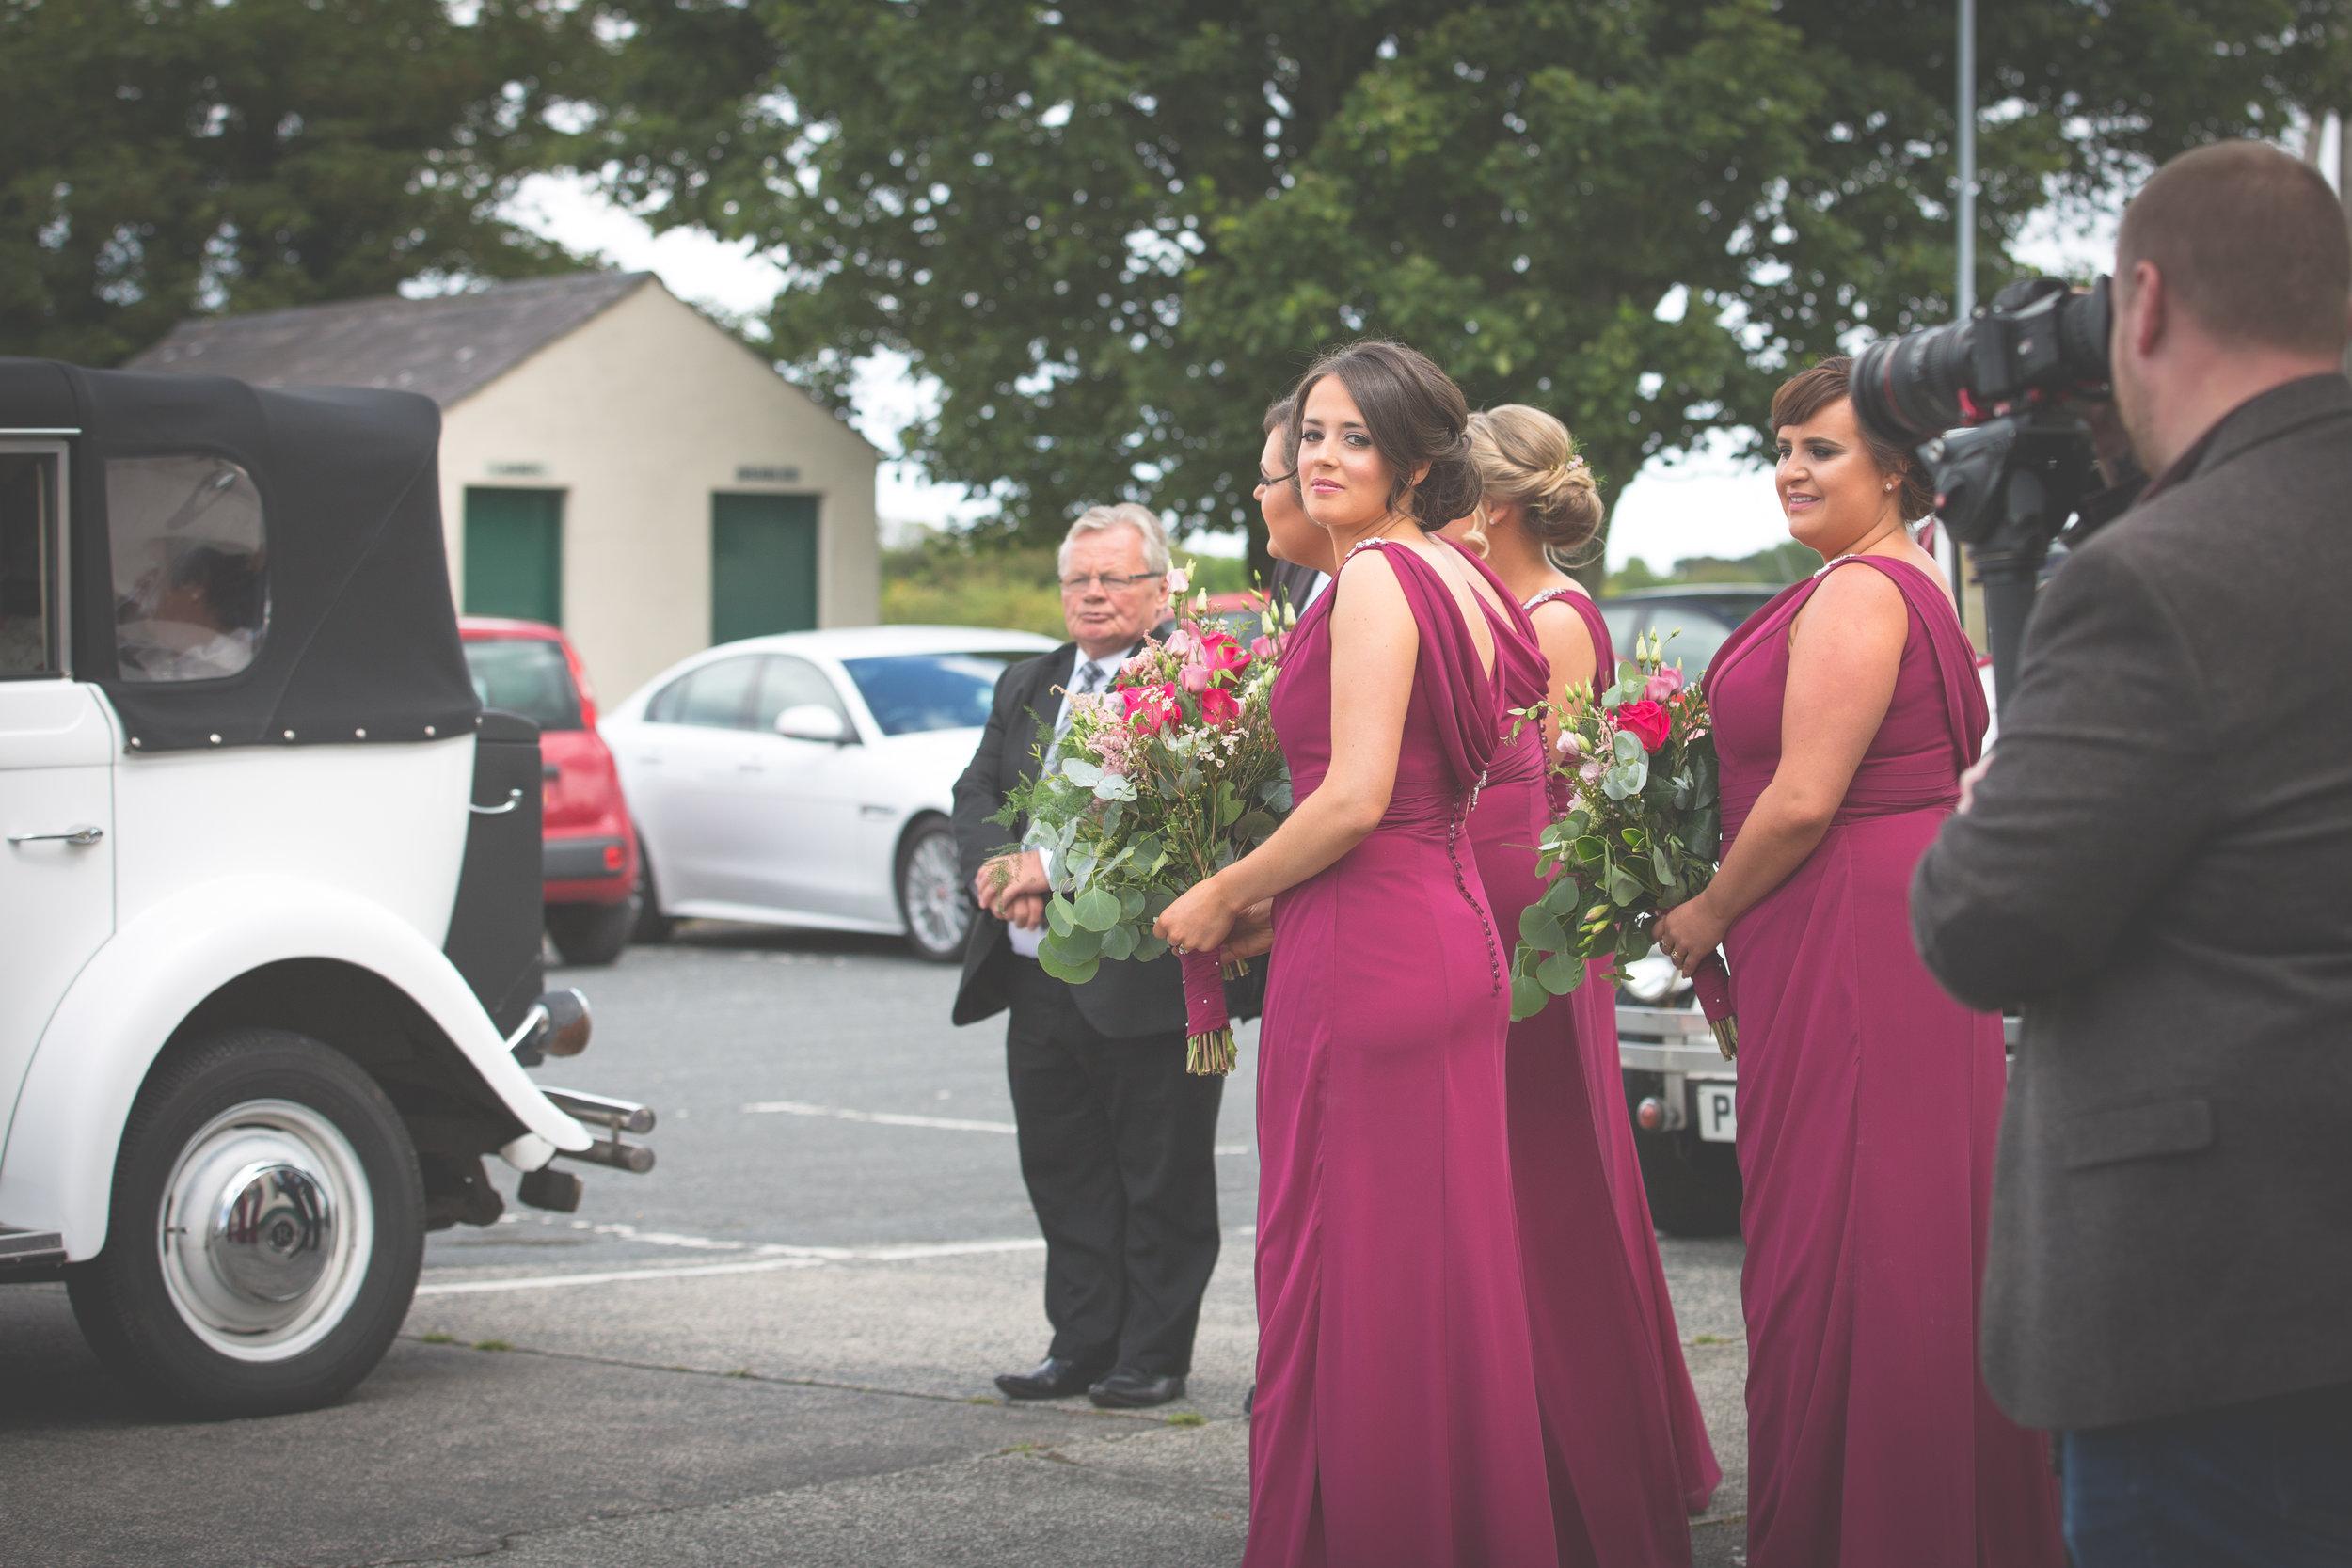 Brian McEwan Wedding Photography   Carol-Anne & Sean   The Ceremony-1.jpg